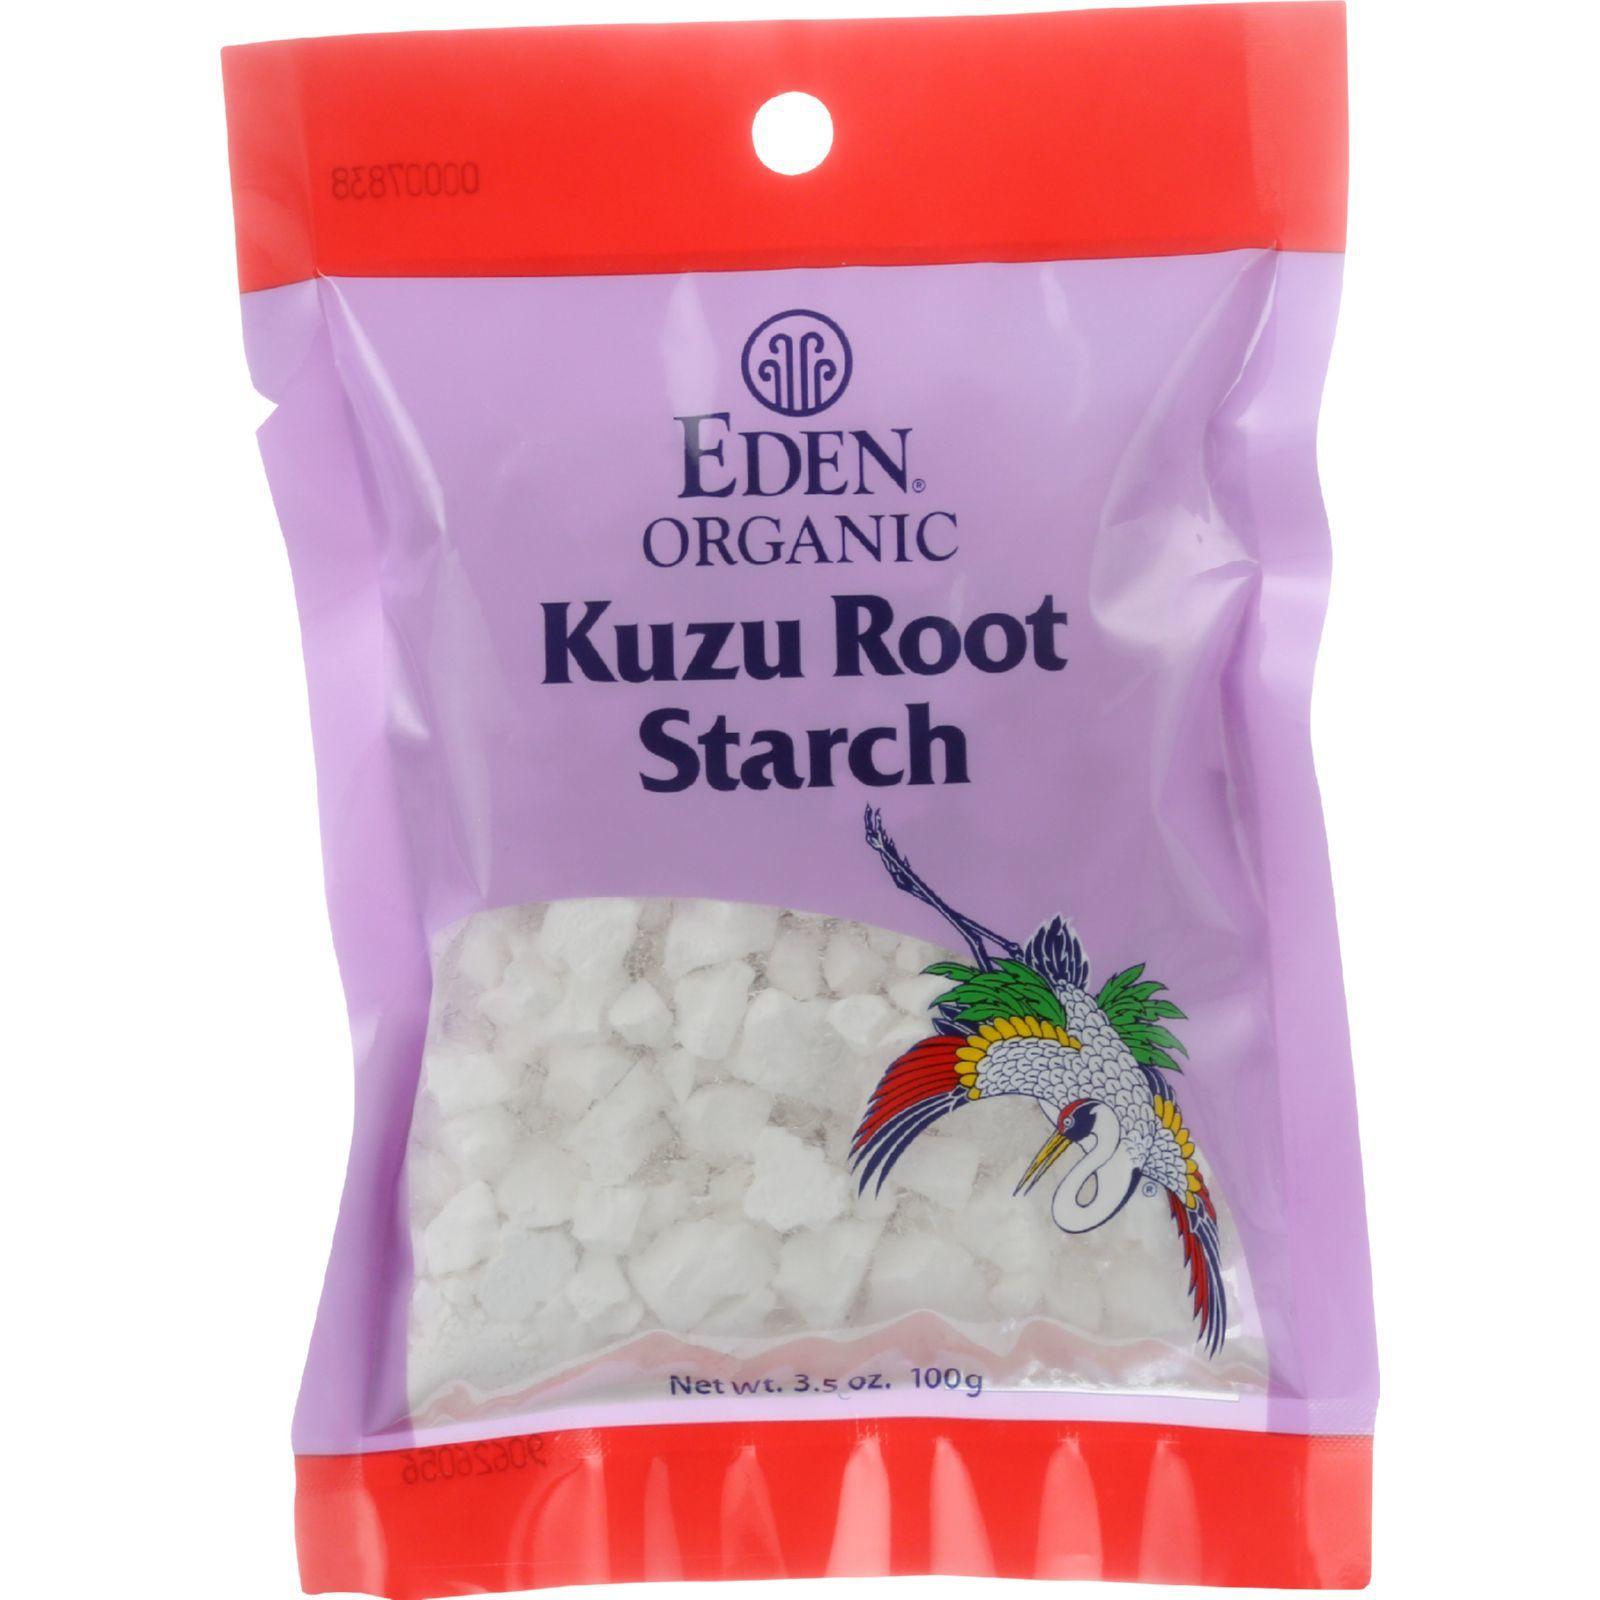 Eden Foods Kudzu Root Starch - Organic - 3.5 oz - 1 each